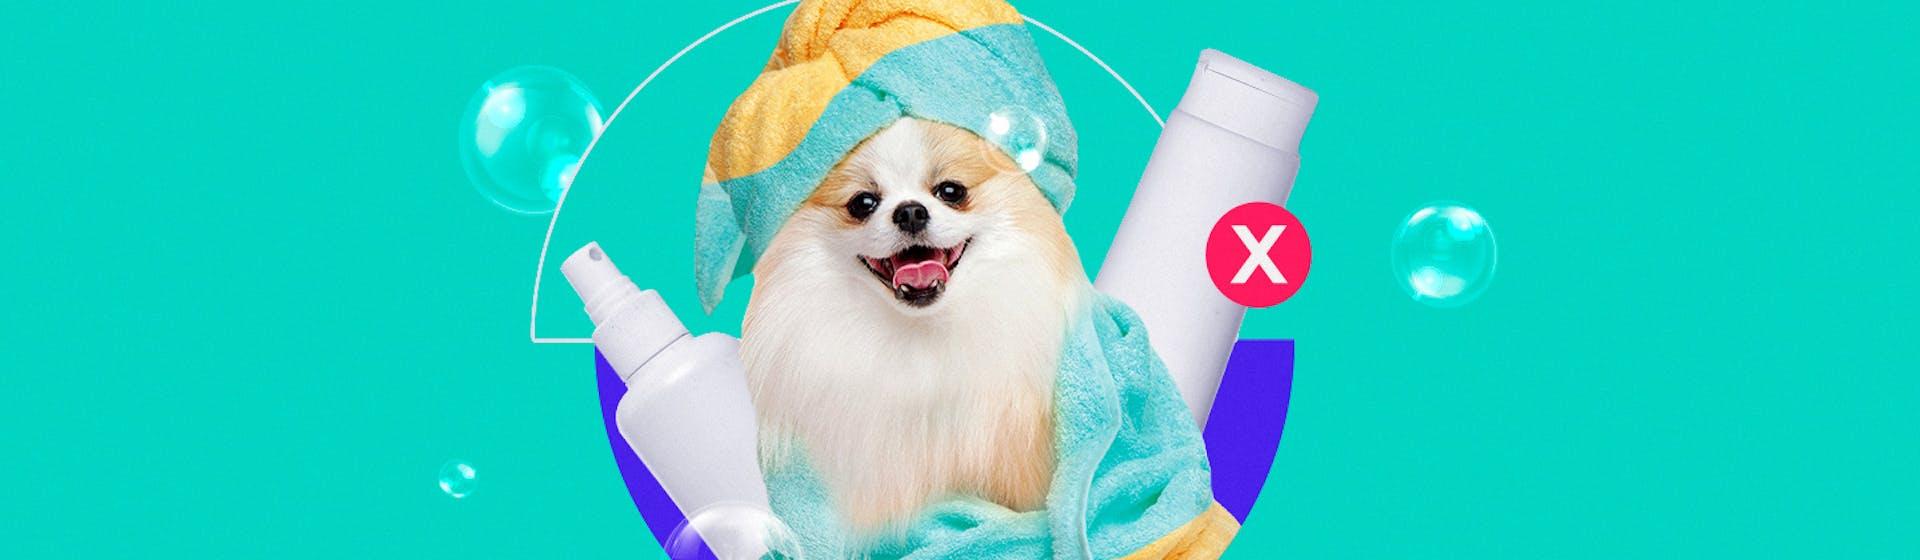 Conoce estas 7 marcas de shampoo vegano que no testean en animales